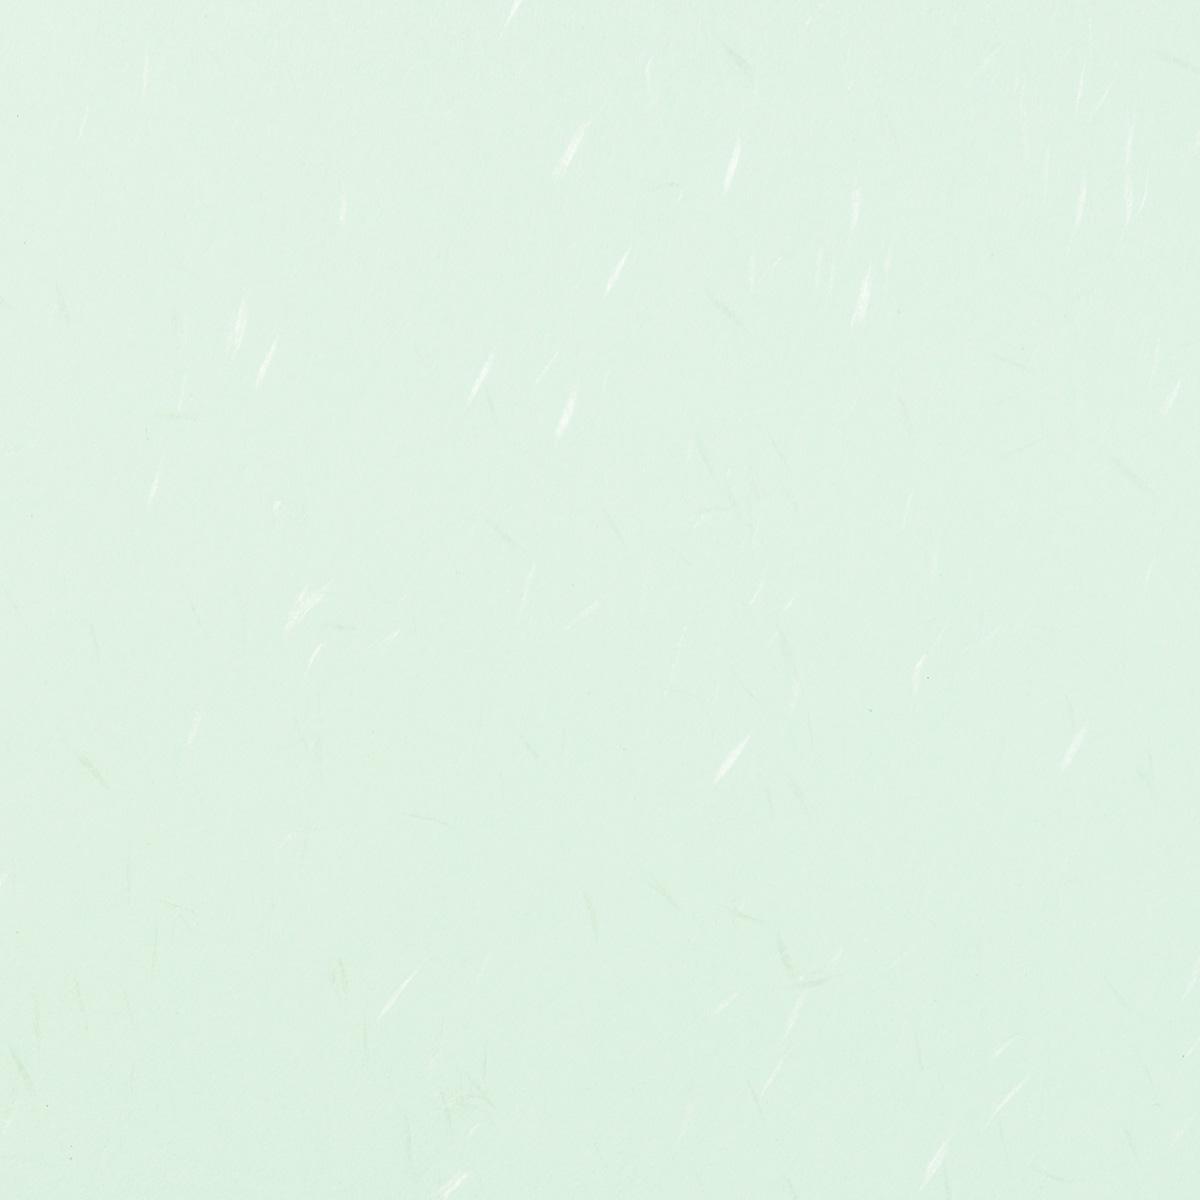 月華ニューカラー B4サイズ(50枚入) No.31 グリーン